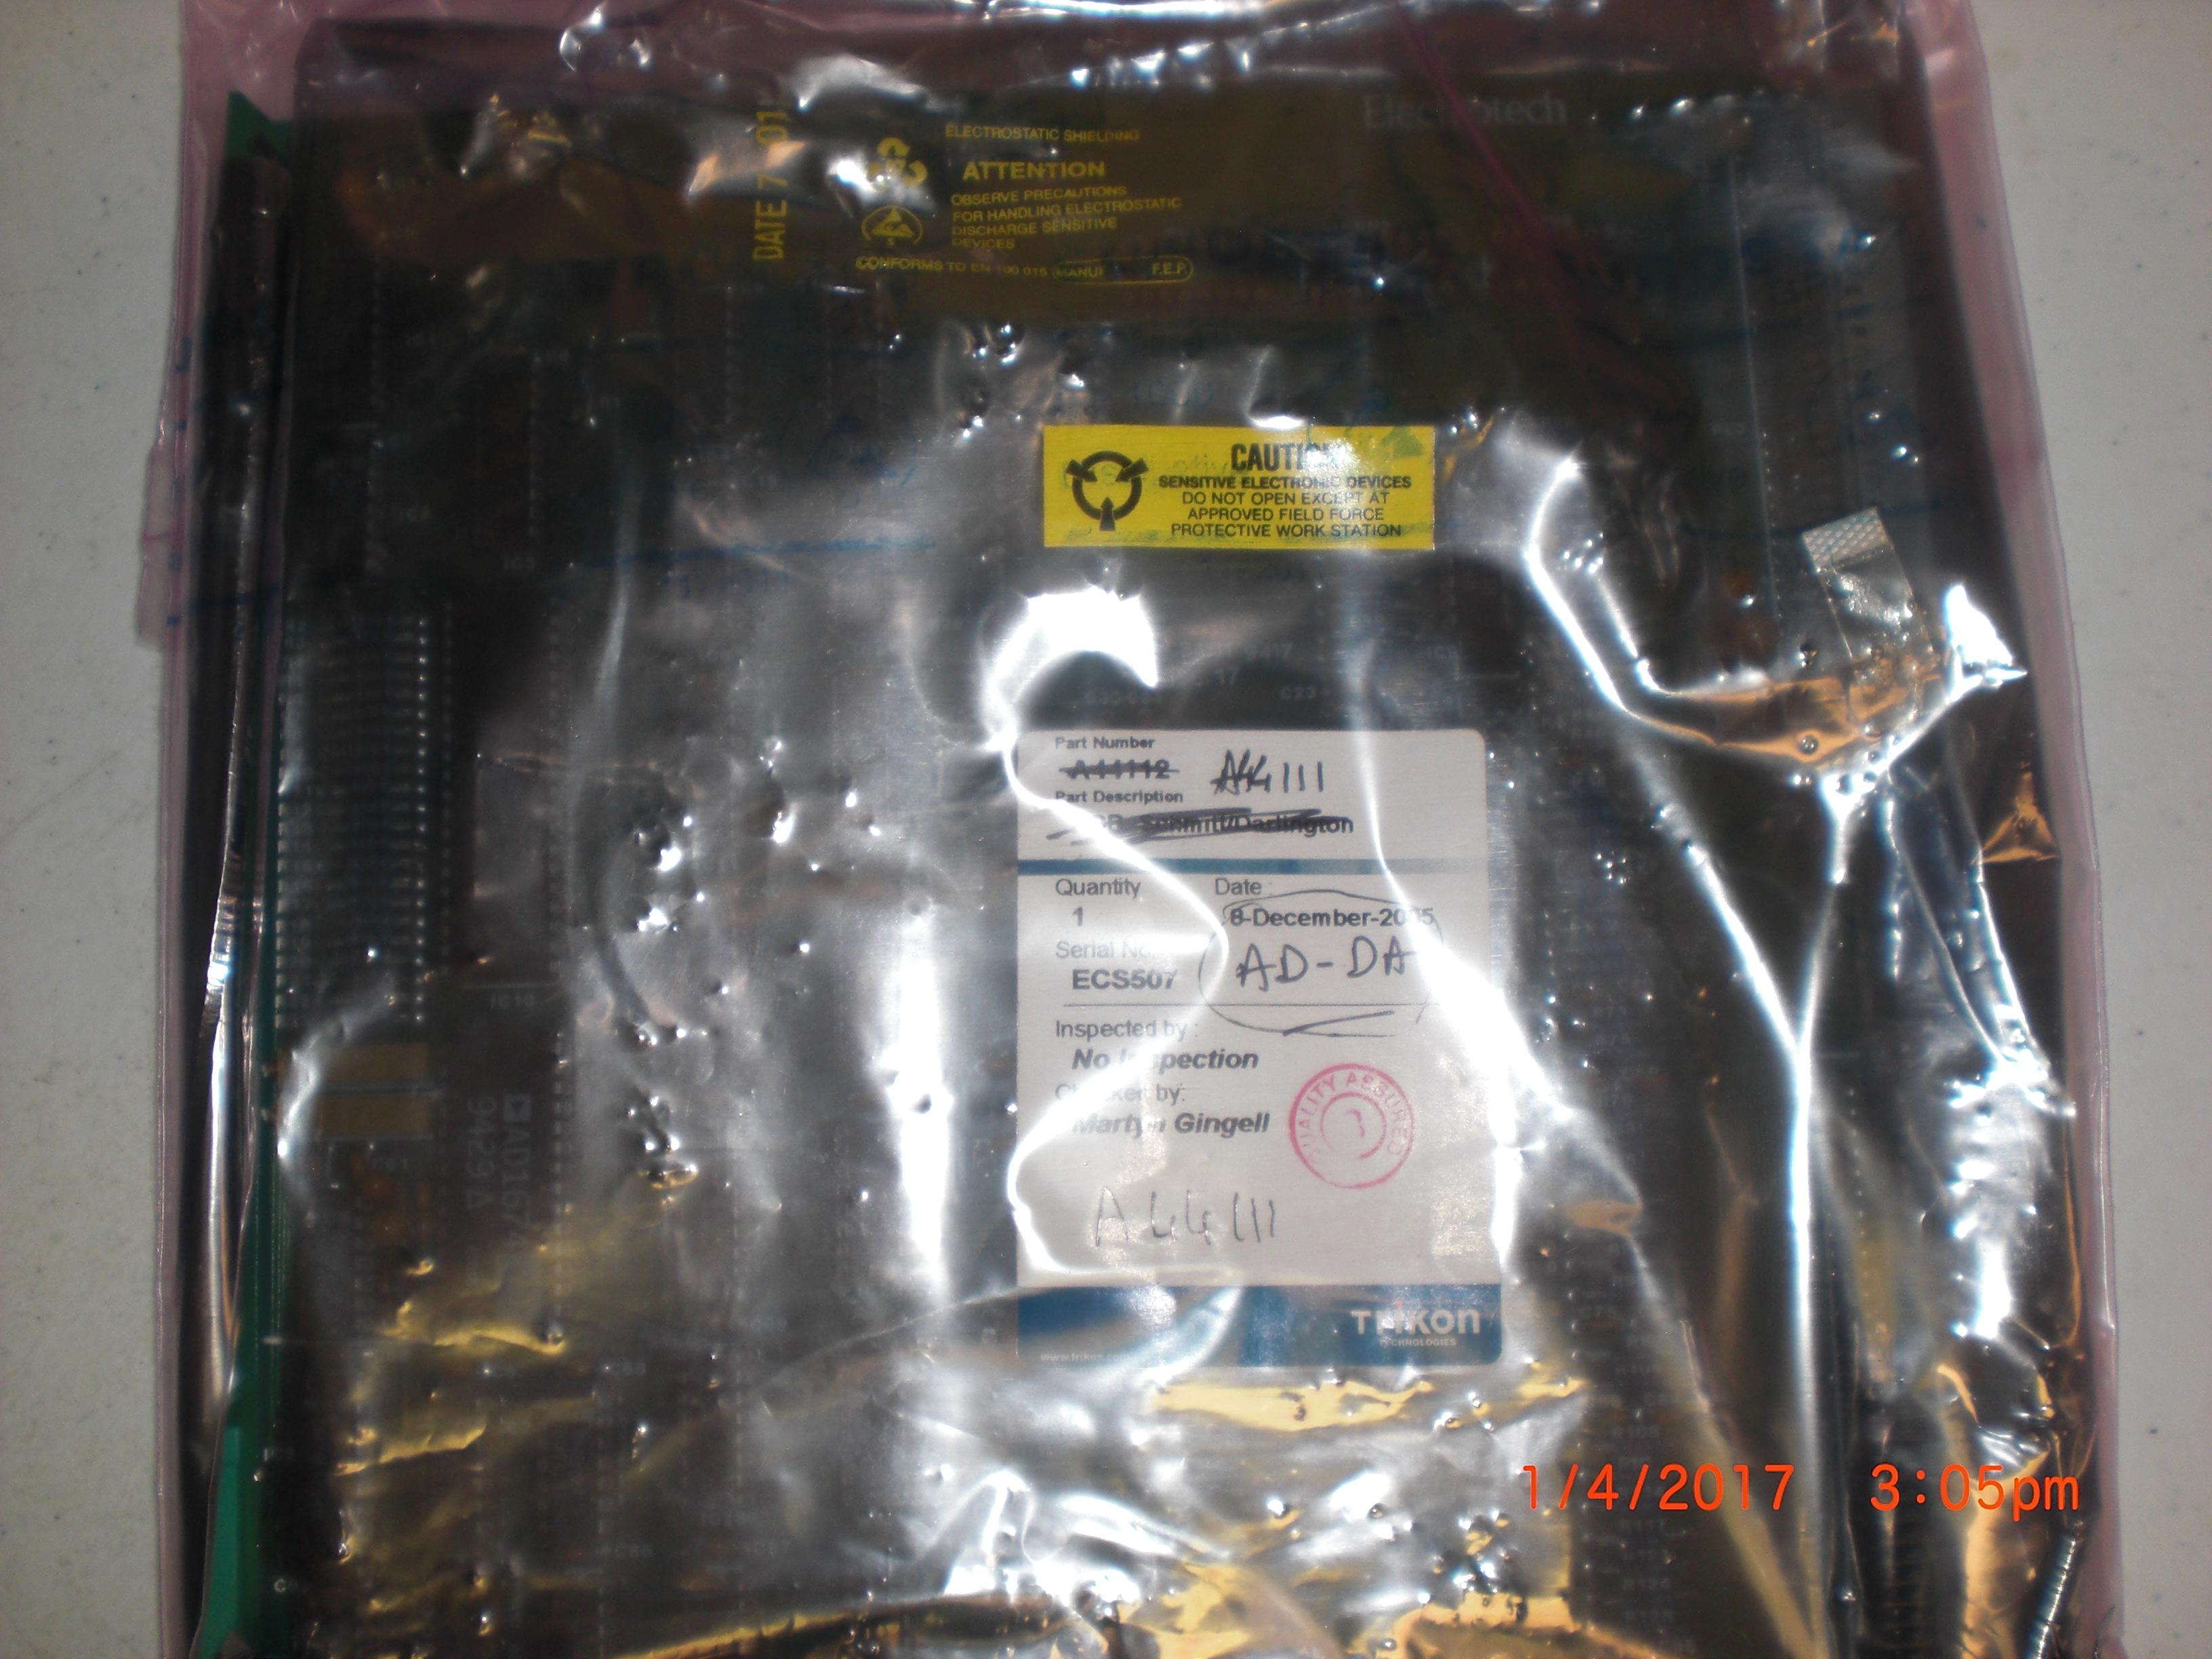 PCB AD-DA Board Aviza A44111 PCB